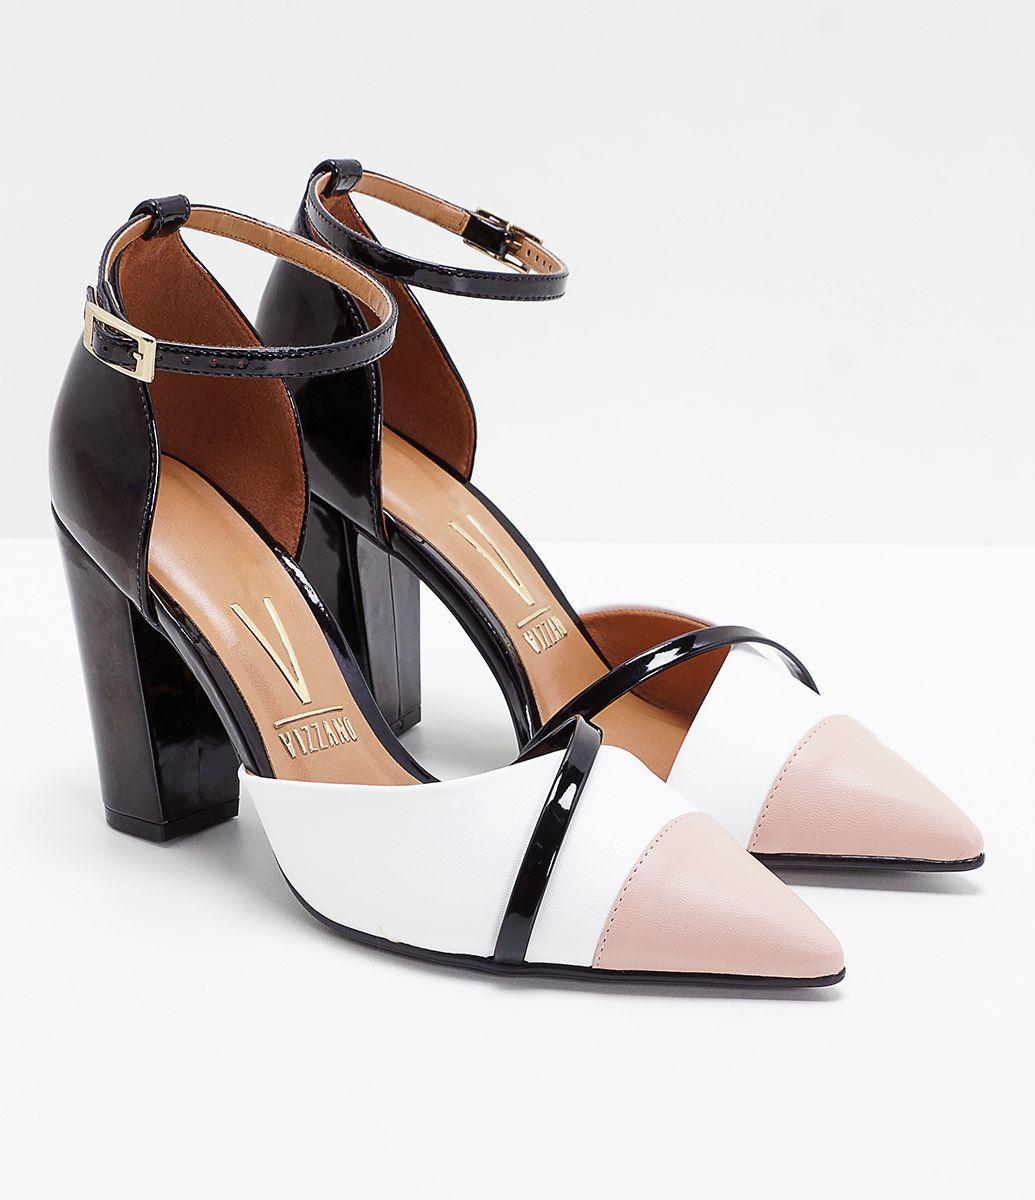 954aa29aaa Sapato feminino Material  sintético Modelo scarpin Tricolor Marca  Vizzano  Bico fino Salto grosso COLEÇÃO